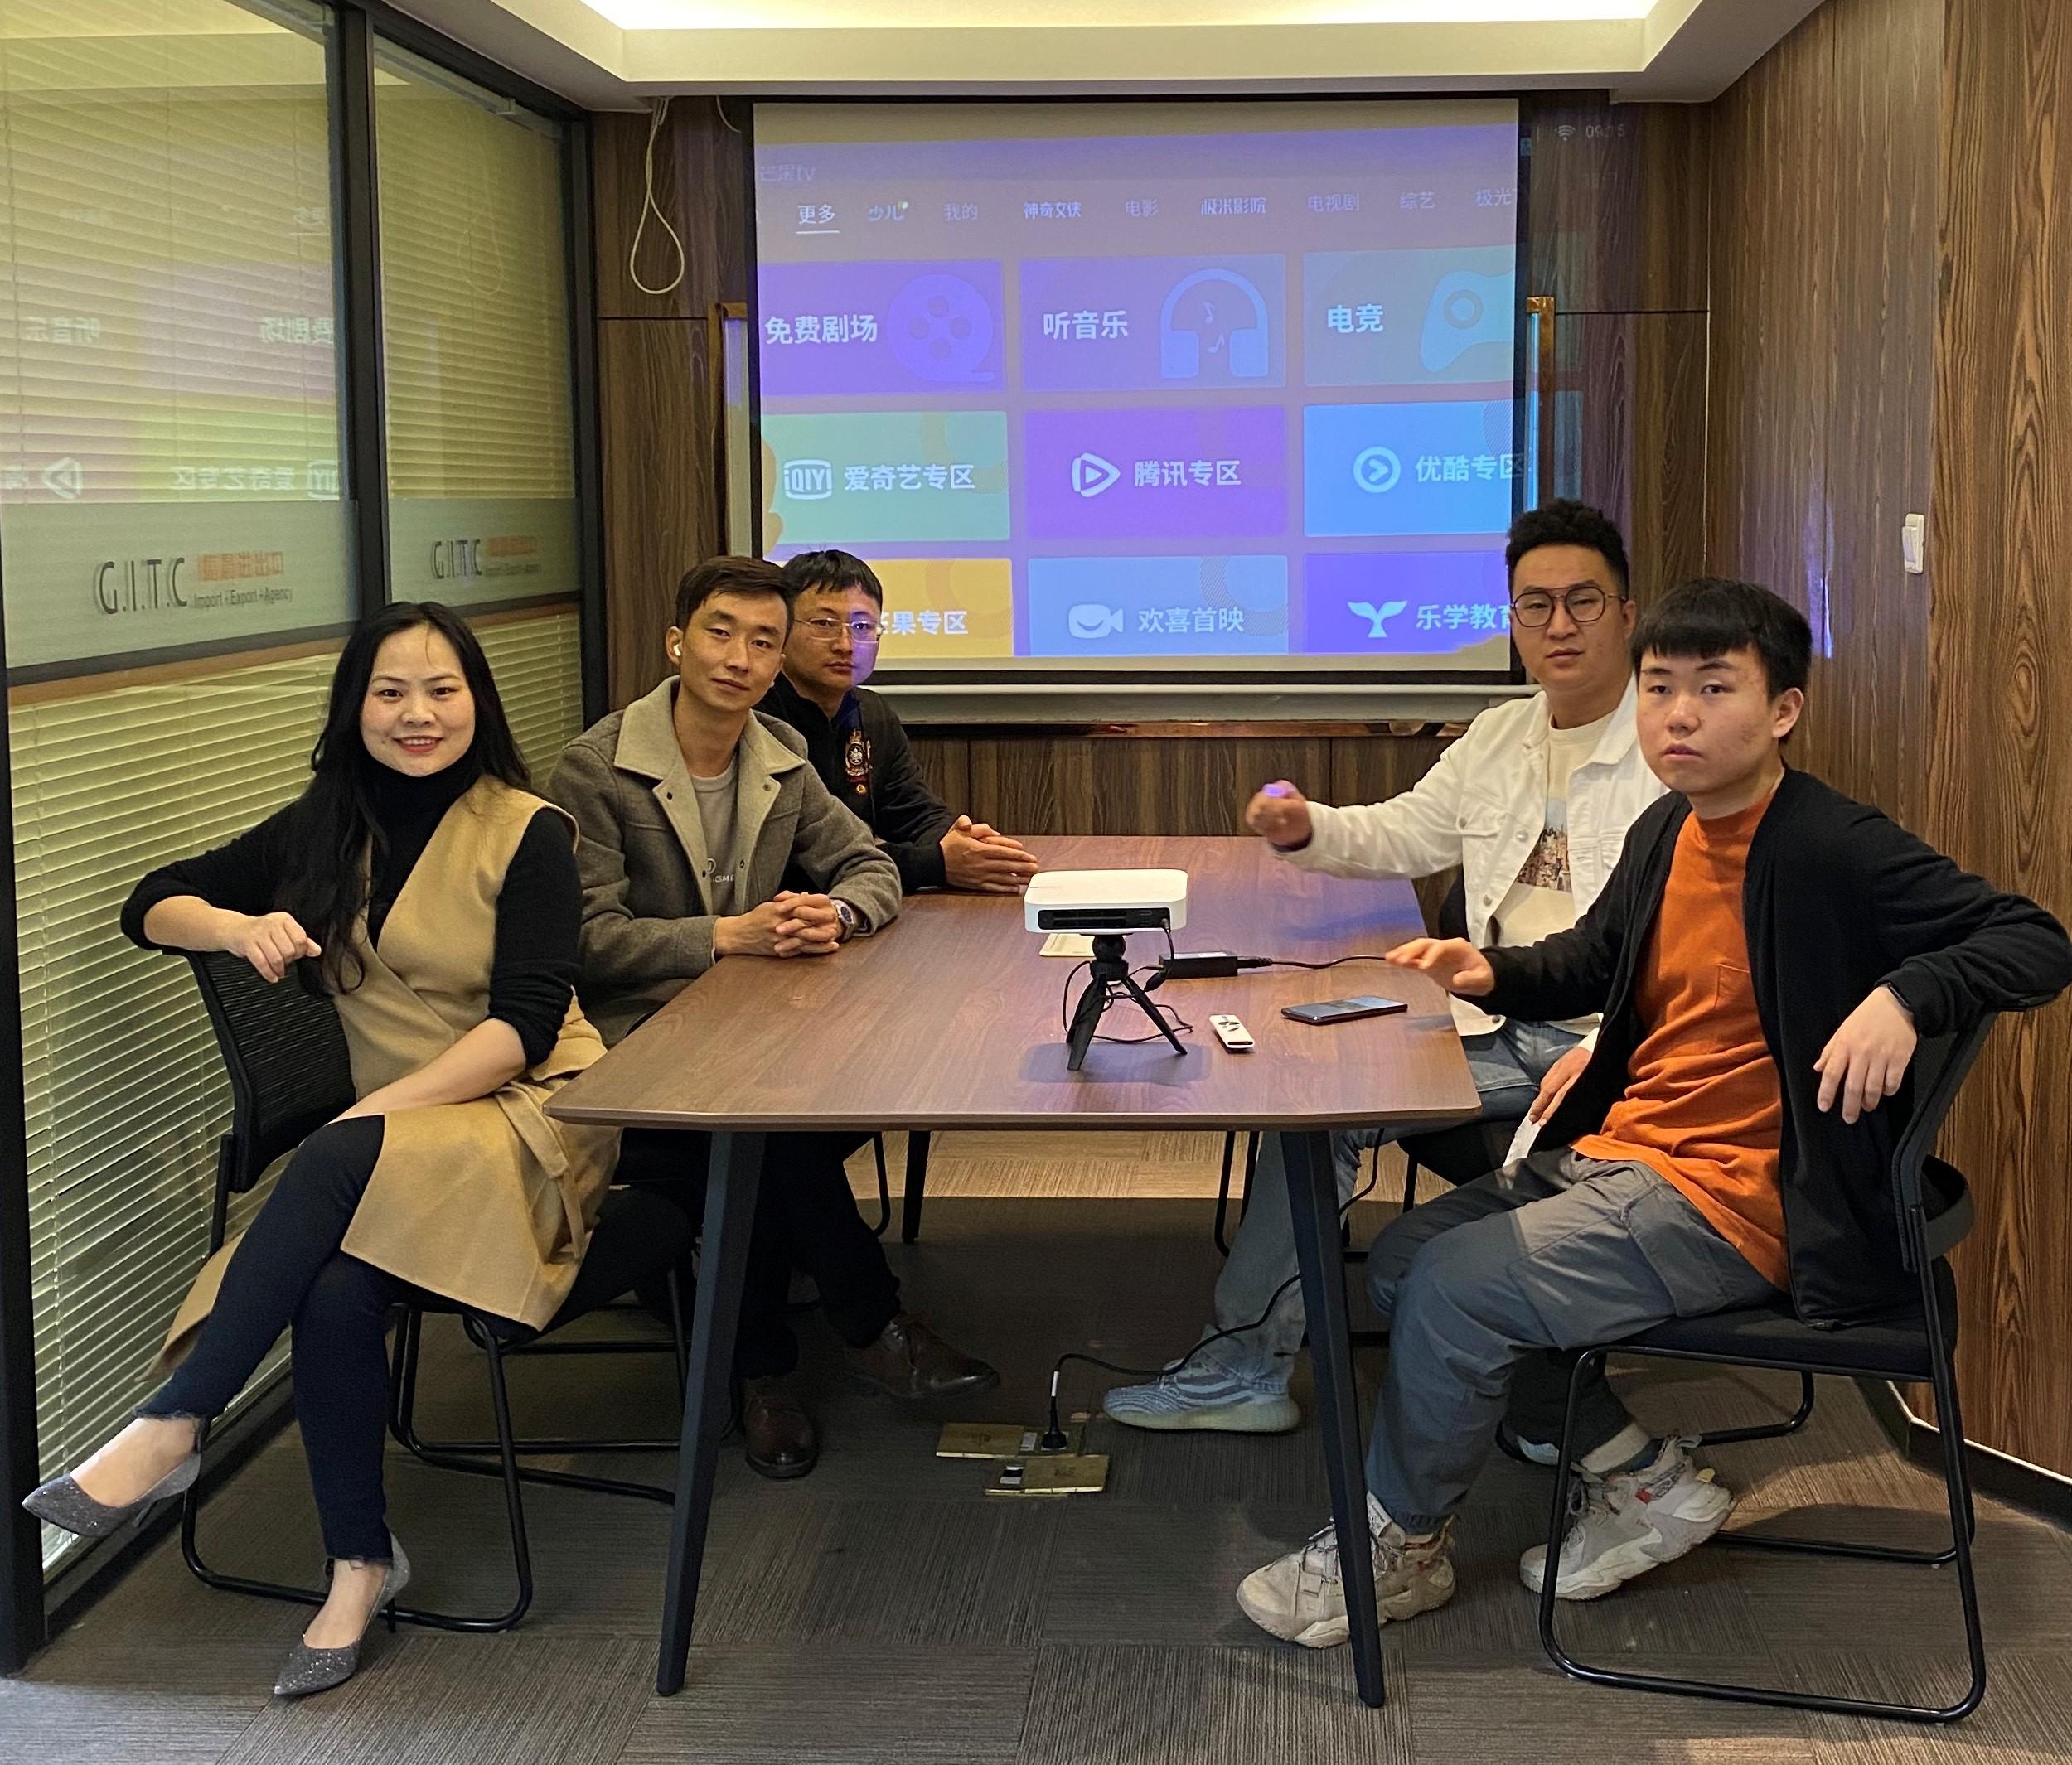 gitc agency china trade partners import agency